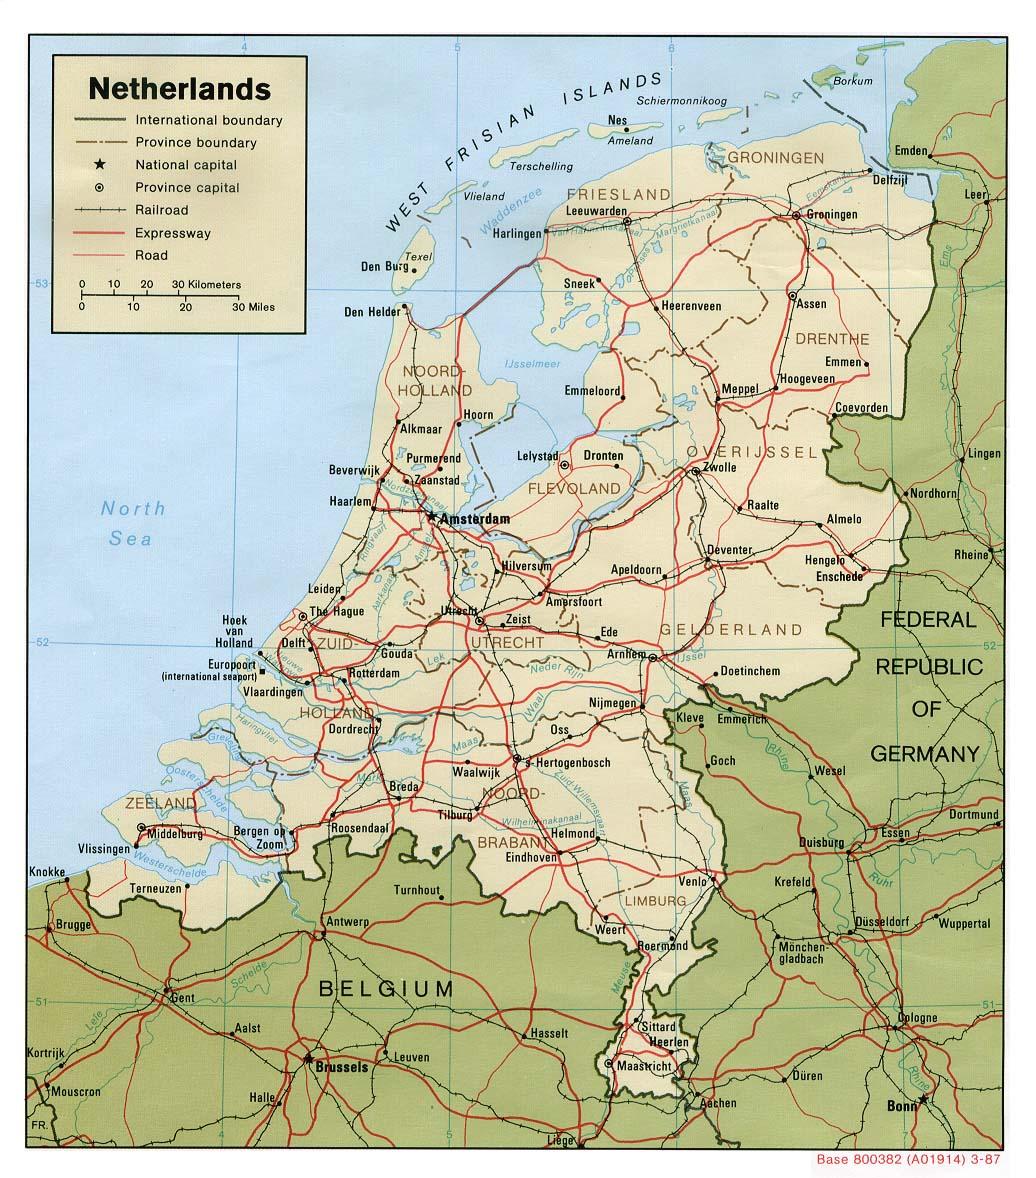 Mapy Holandii Szczegolowa Mapa Holandii W Jezyku Angielskim